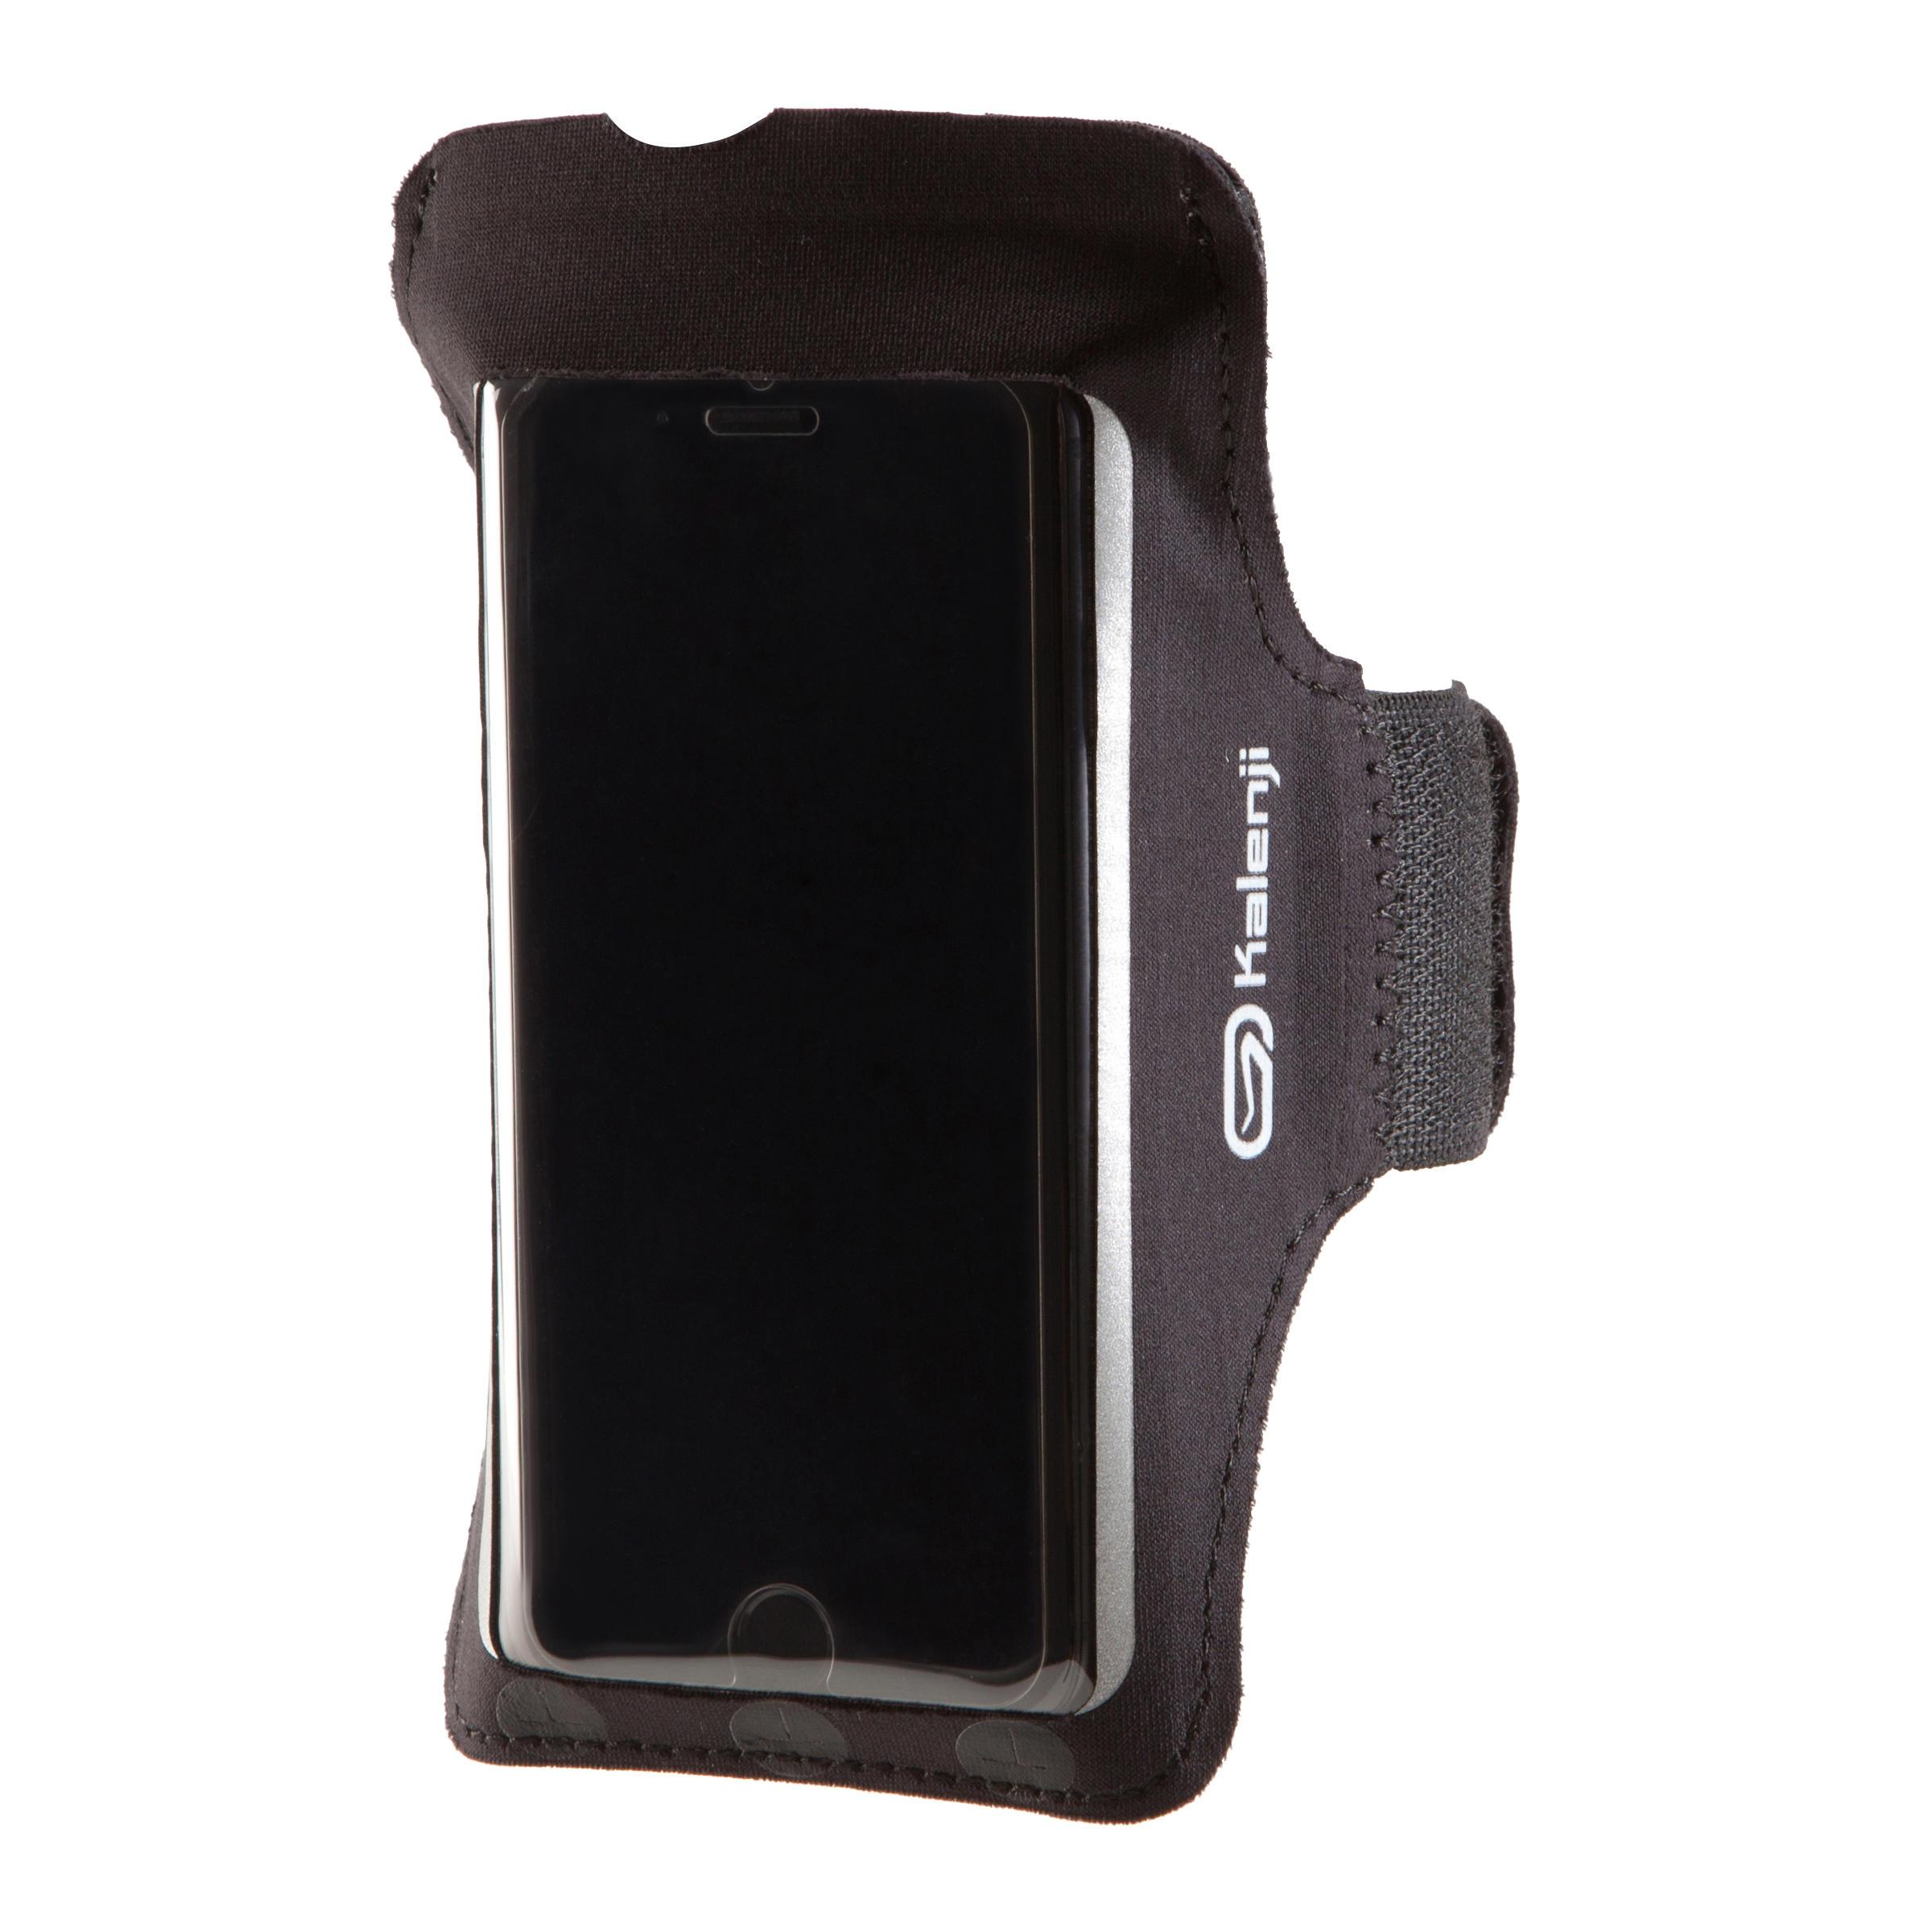 Suport Telefon pentru Braț imagine